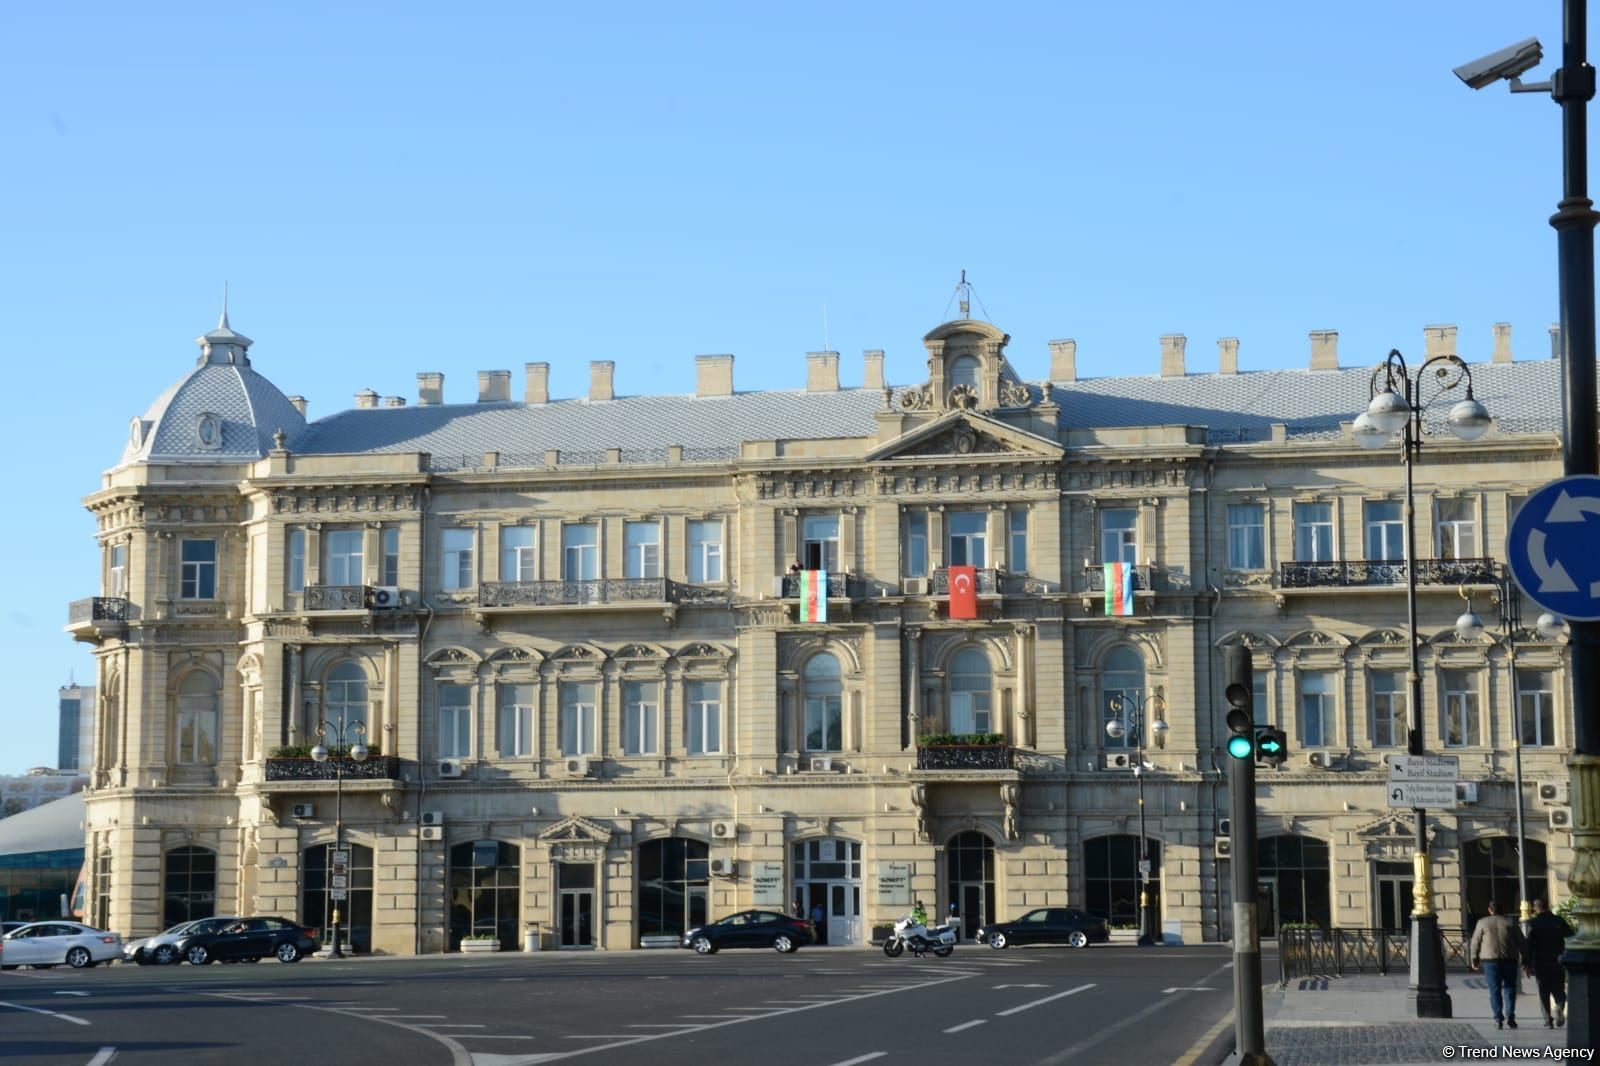 Üçrəngli bayrağımızla bəzənən Bakıda möhtəşəm görüntülər (FOTO) - Gallery Image